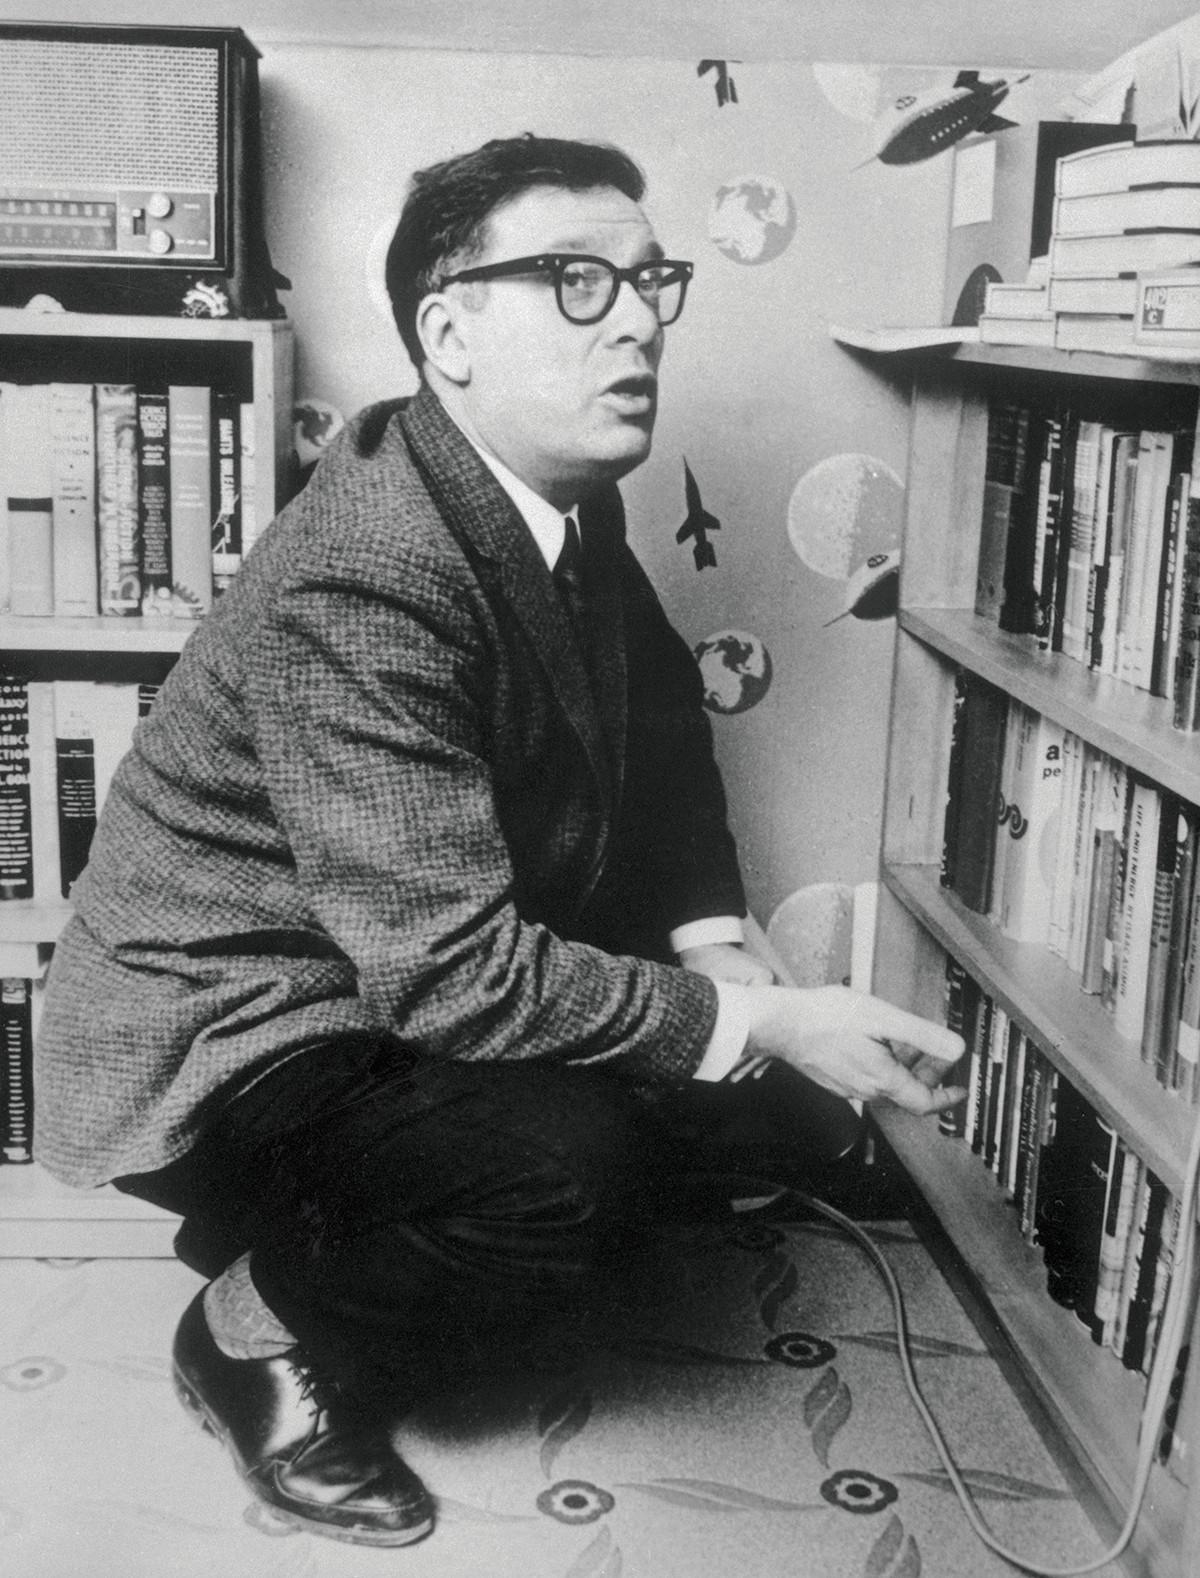 Asimov iniziò a proporre racconti a riviste di fantascienza nel 1939